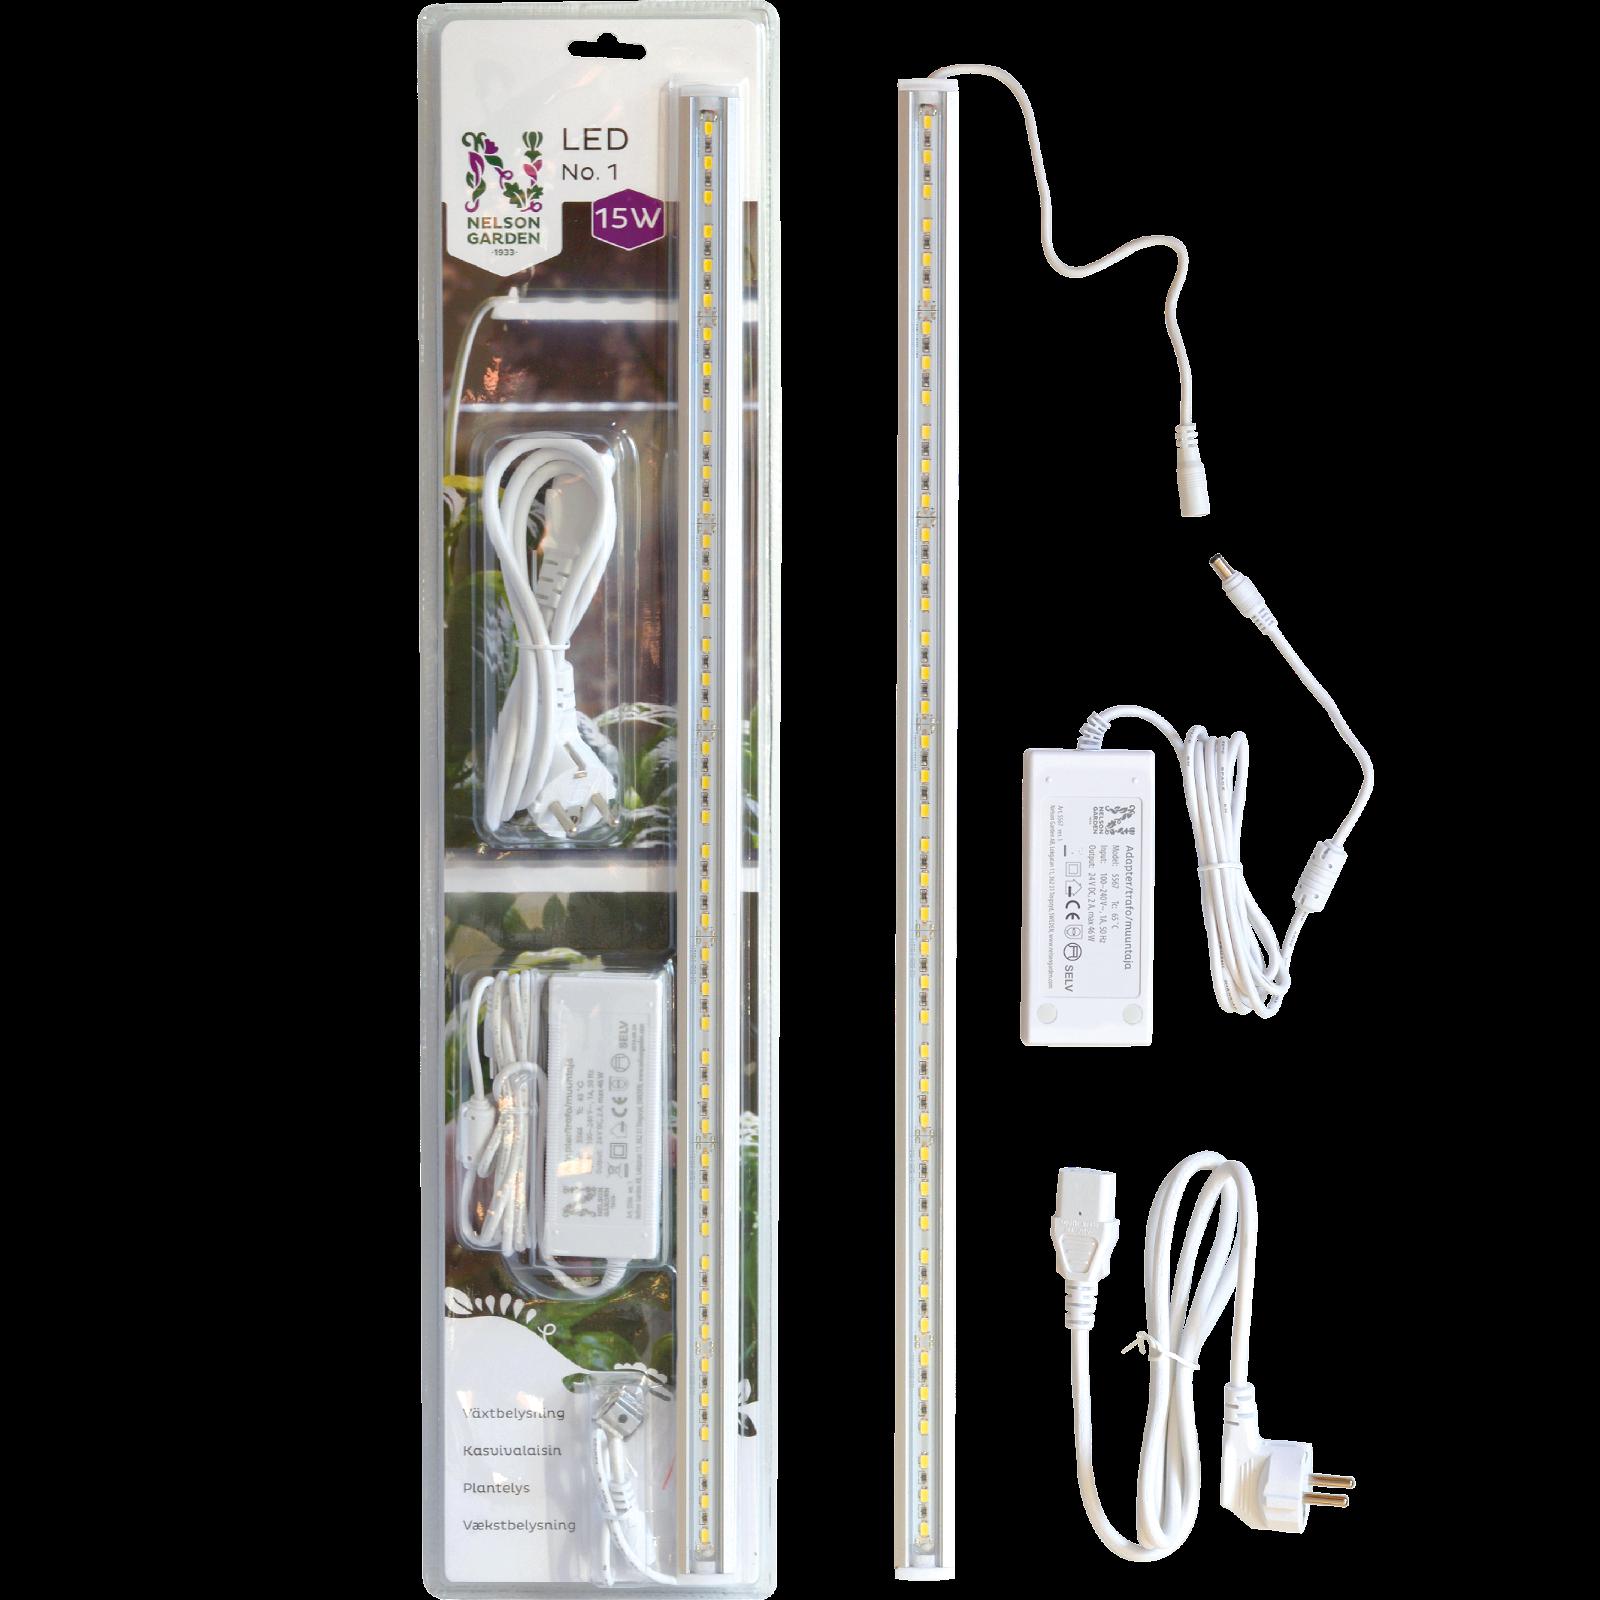 Vækstbelysning LED No.1, 60 cm 15 w med adapter